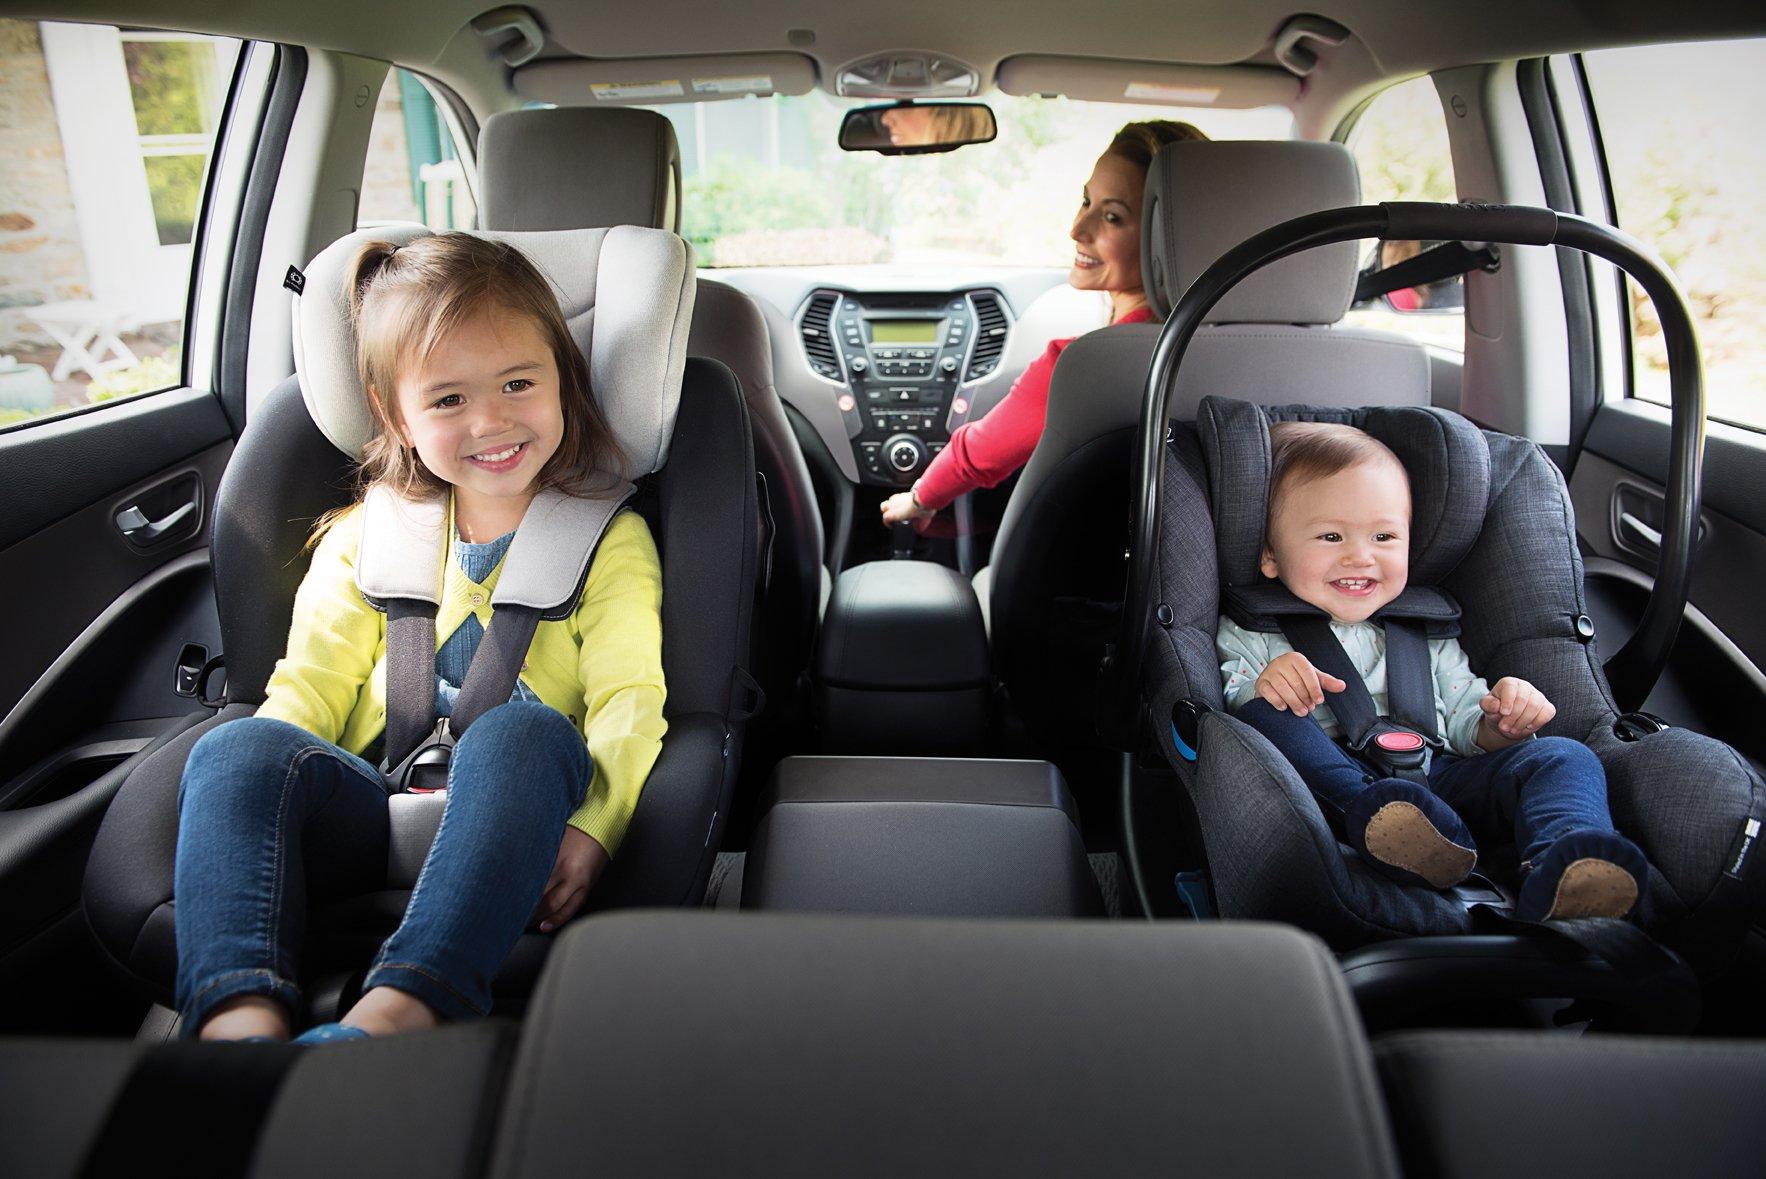 Cảnh báo về ghế ô tô trẻ em: Hãy quay ghế về phía sau cho bé dưới 4 tuổi